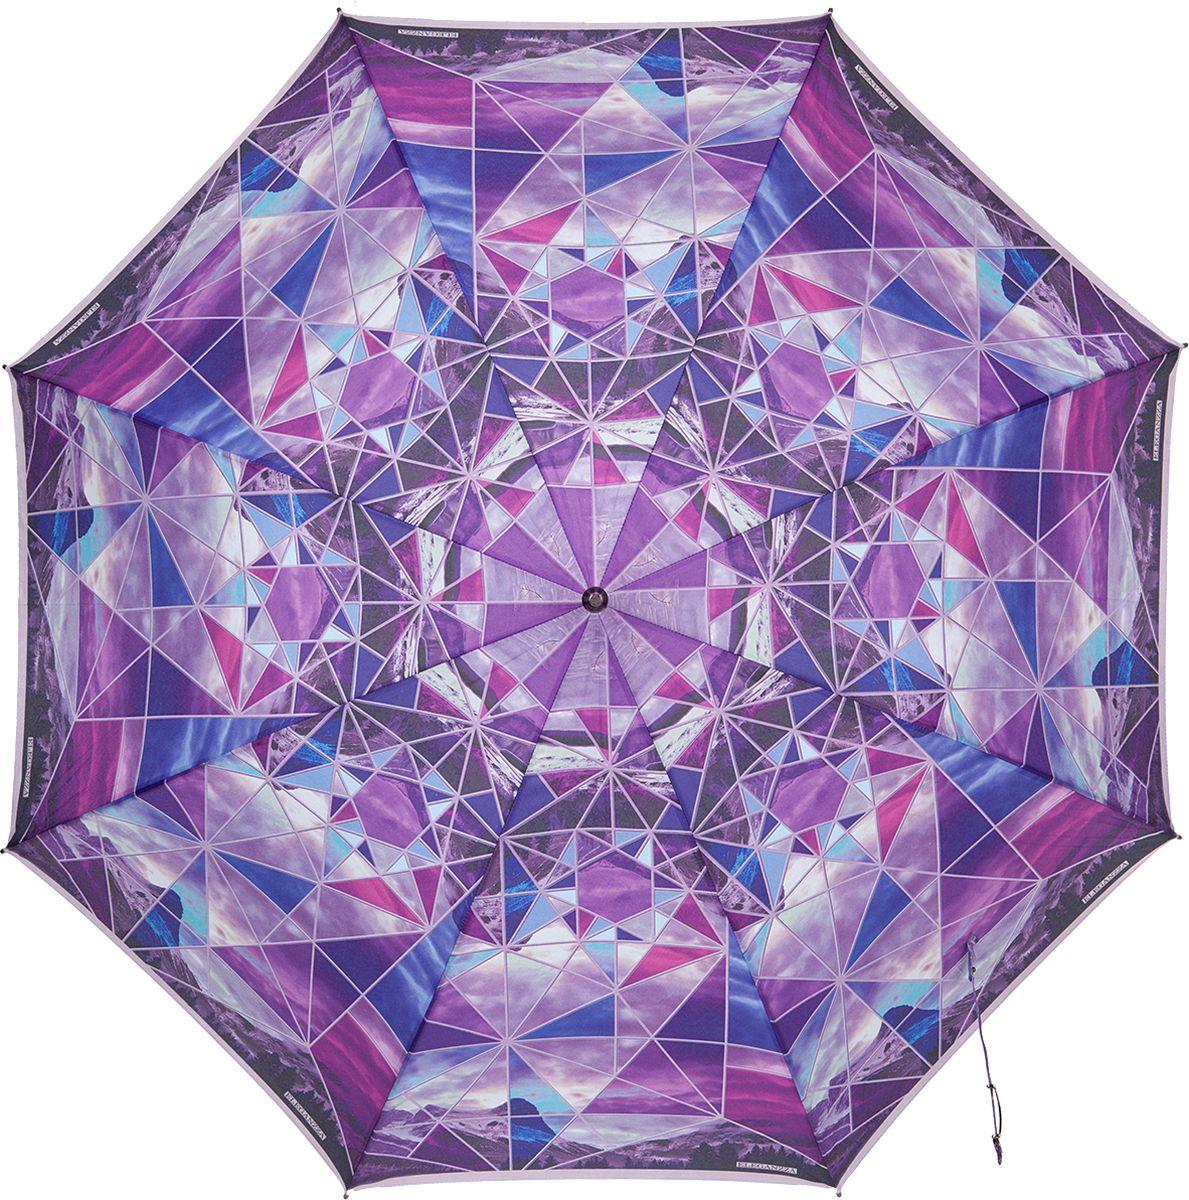 Зонт-трость женский Eleganzza, цвет: фиолетовый. T-06-0316Колье (короткие одноярусные бусы)Женский зонт-трость торговой марки ELEGANZZA. Материал купола 100% полиэстер, эпонж. Материал каркаса: сталь + фибергласс. Материал ручки: акрил. Длина изделия - 89 см. Диаметр купола - 105 см.